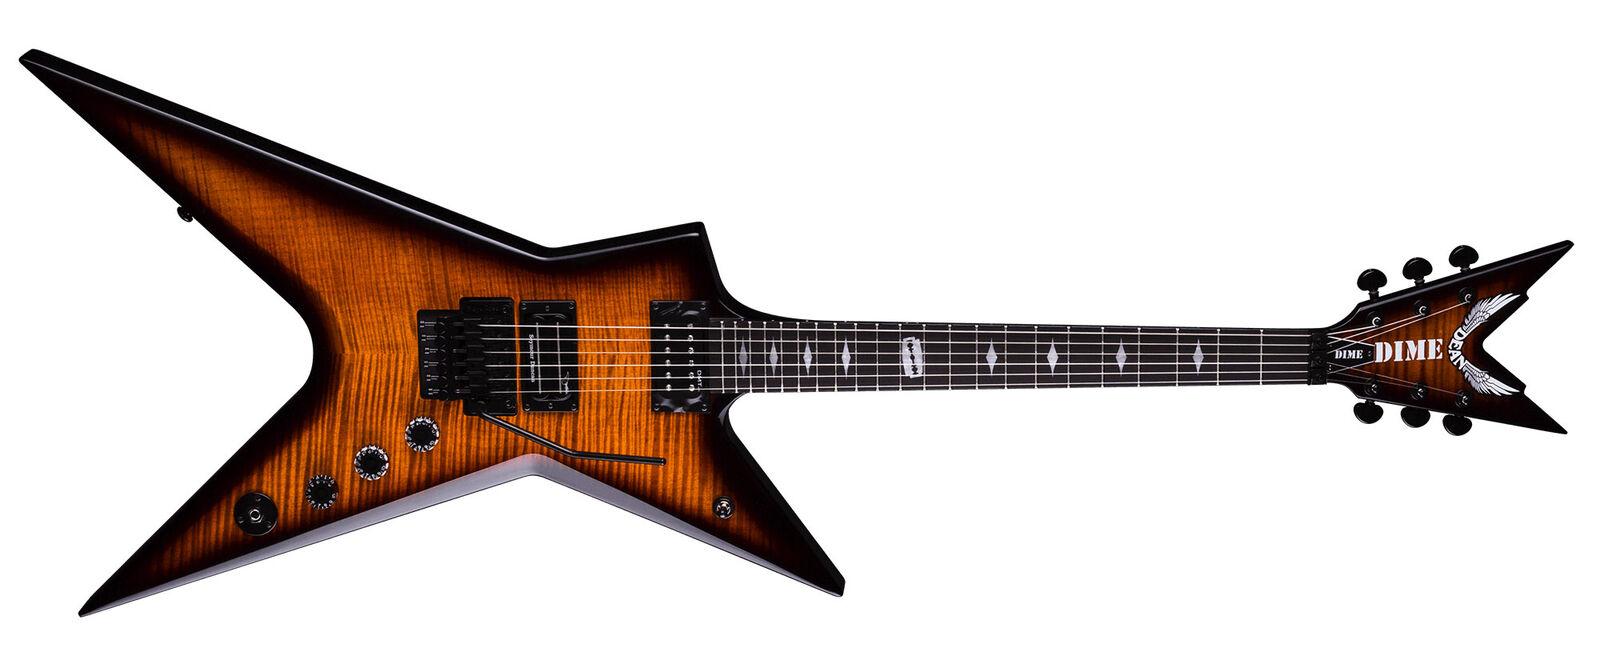 Dean 6 Cuerdas Dimebag Stealth Floyd Guitarra Guitarra Guitarra Eléctrica de Arce de la llama y Estuche BRASILIA fe98fe